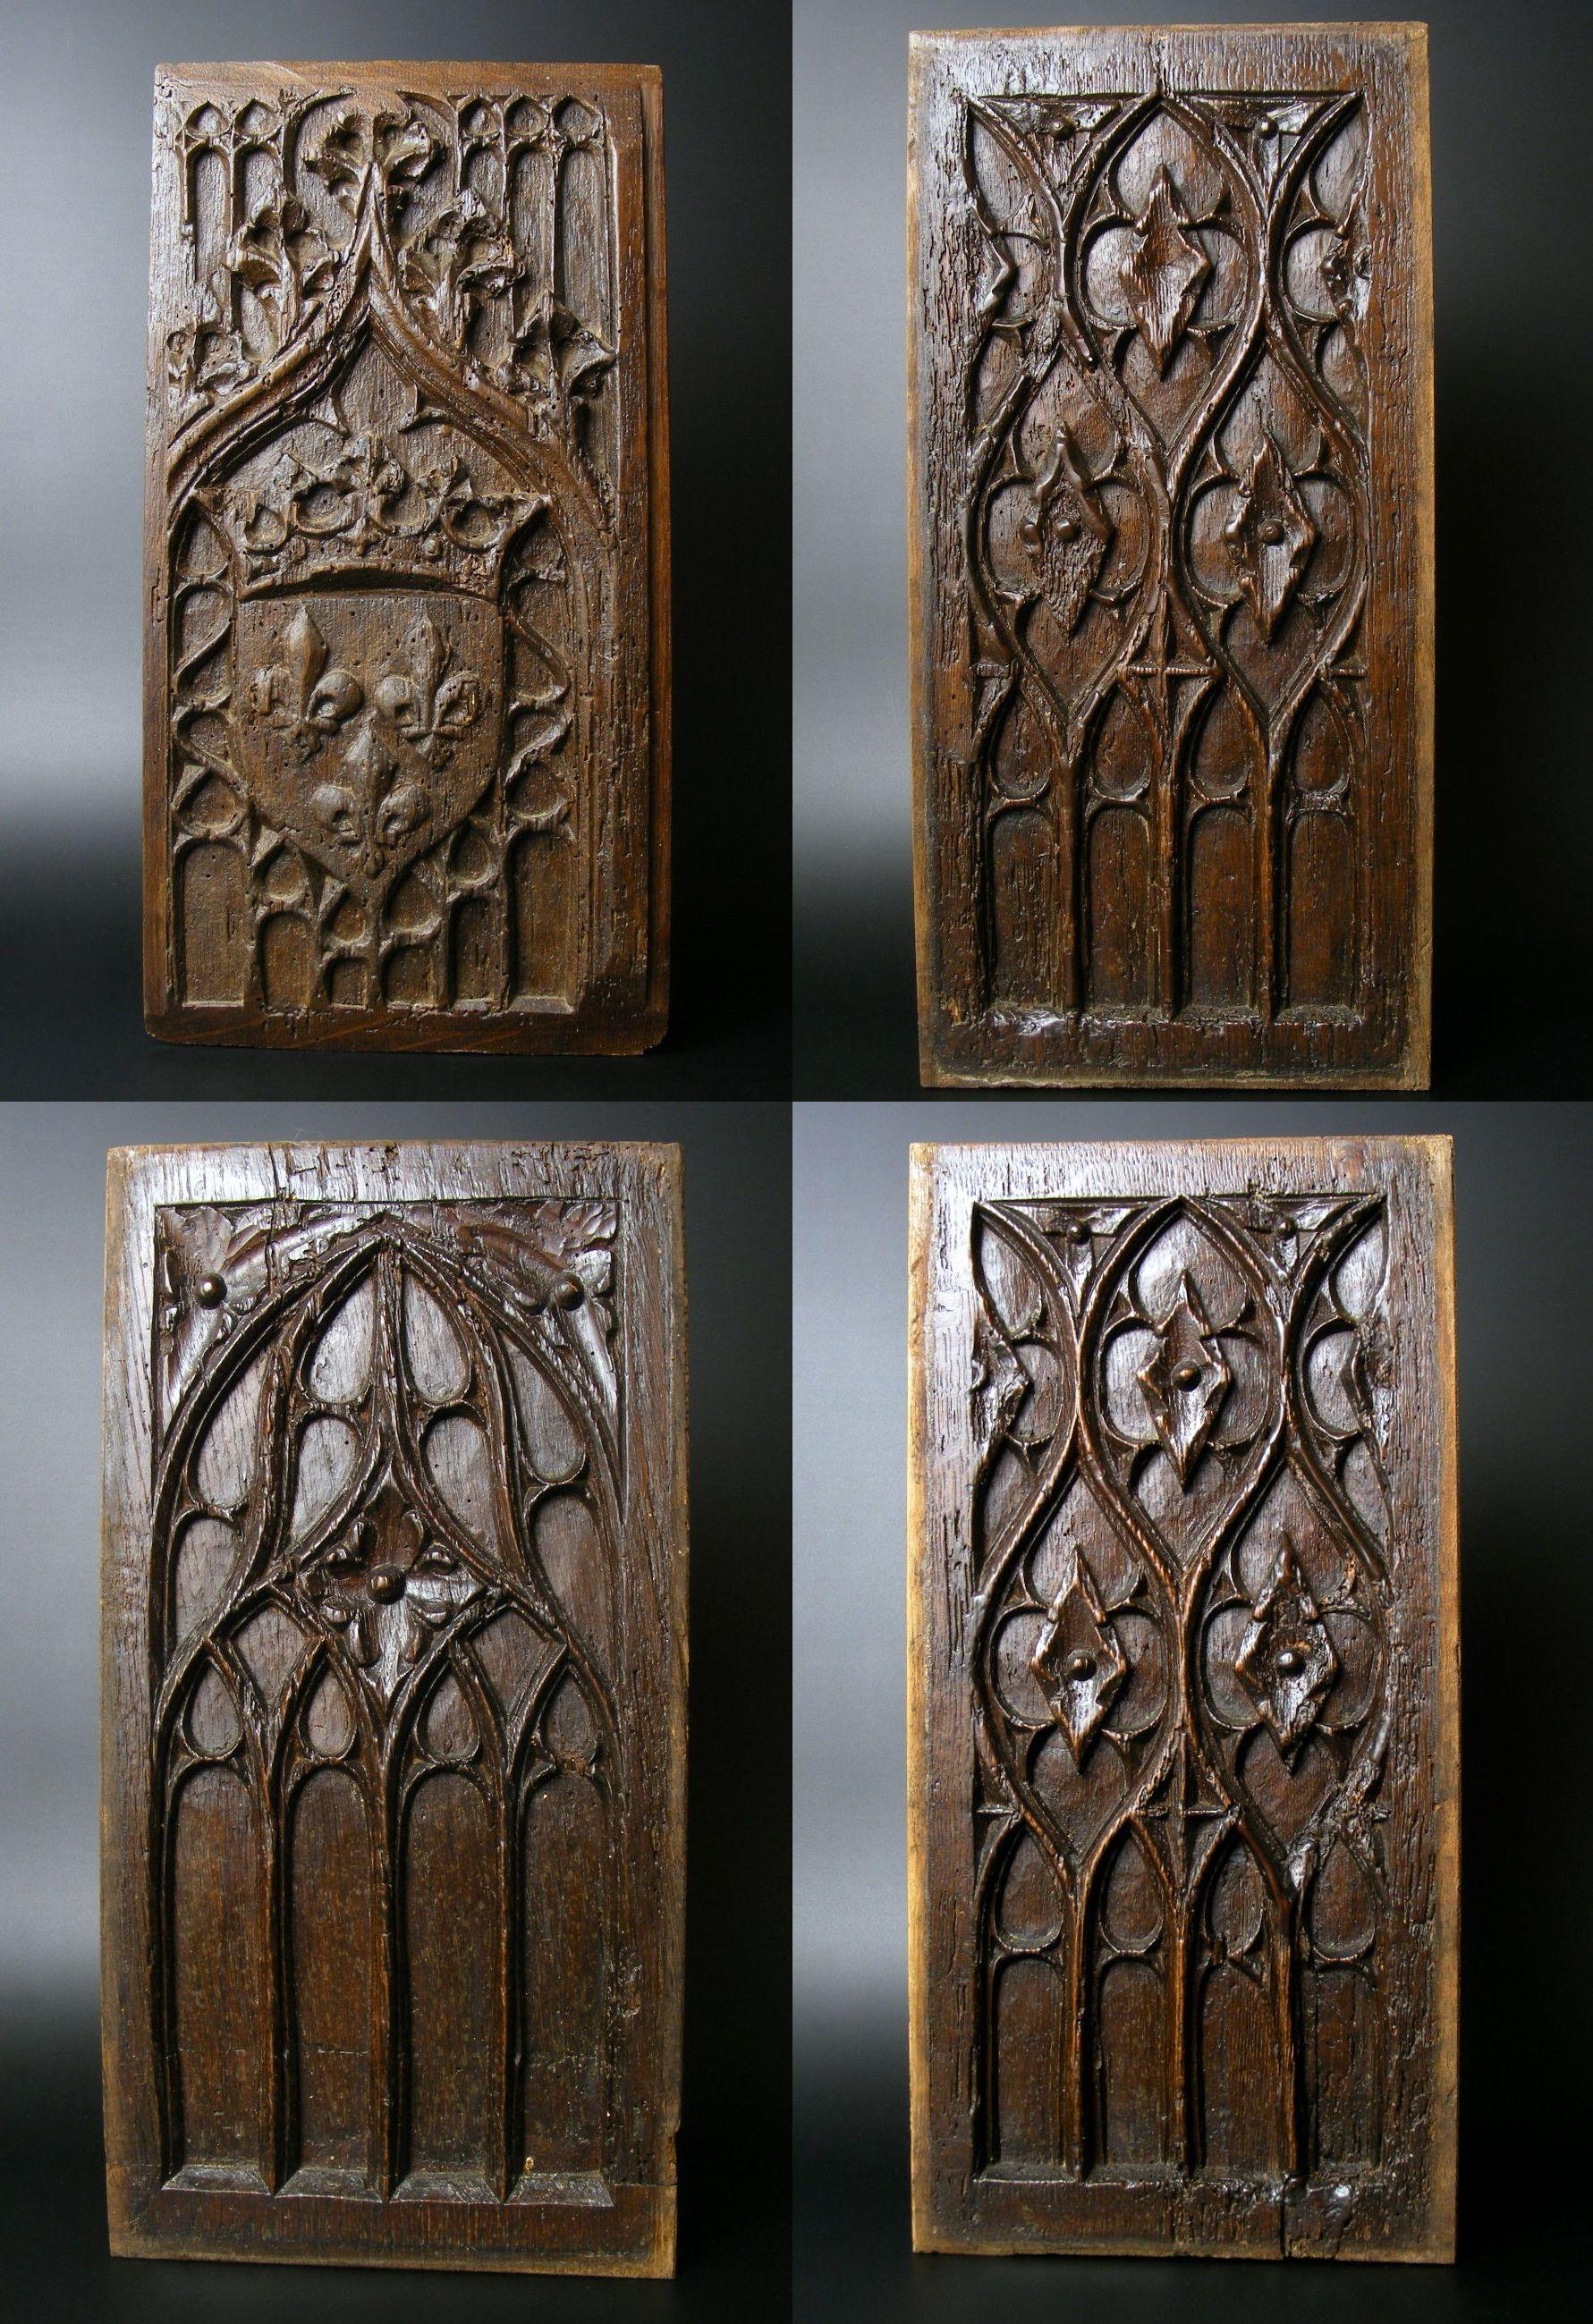 Panneaux gothiques bois sculpt 15 me si cle falegname for Arredamento stile gotico